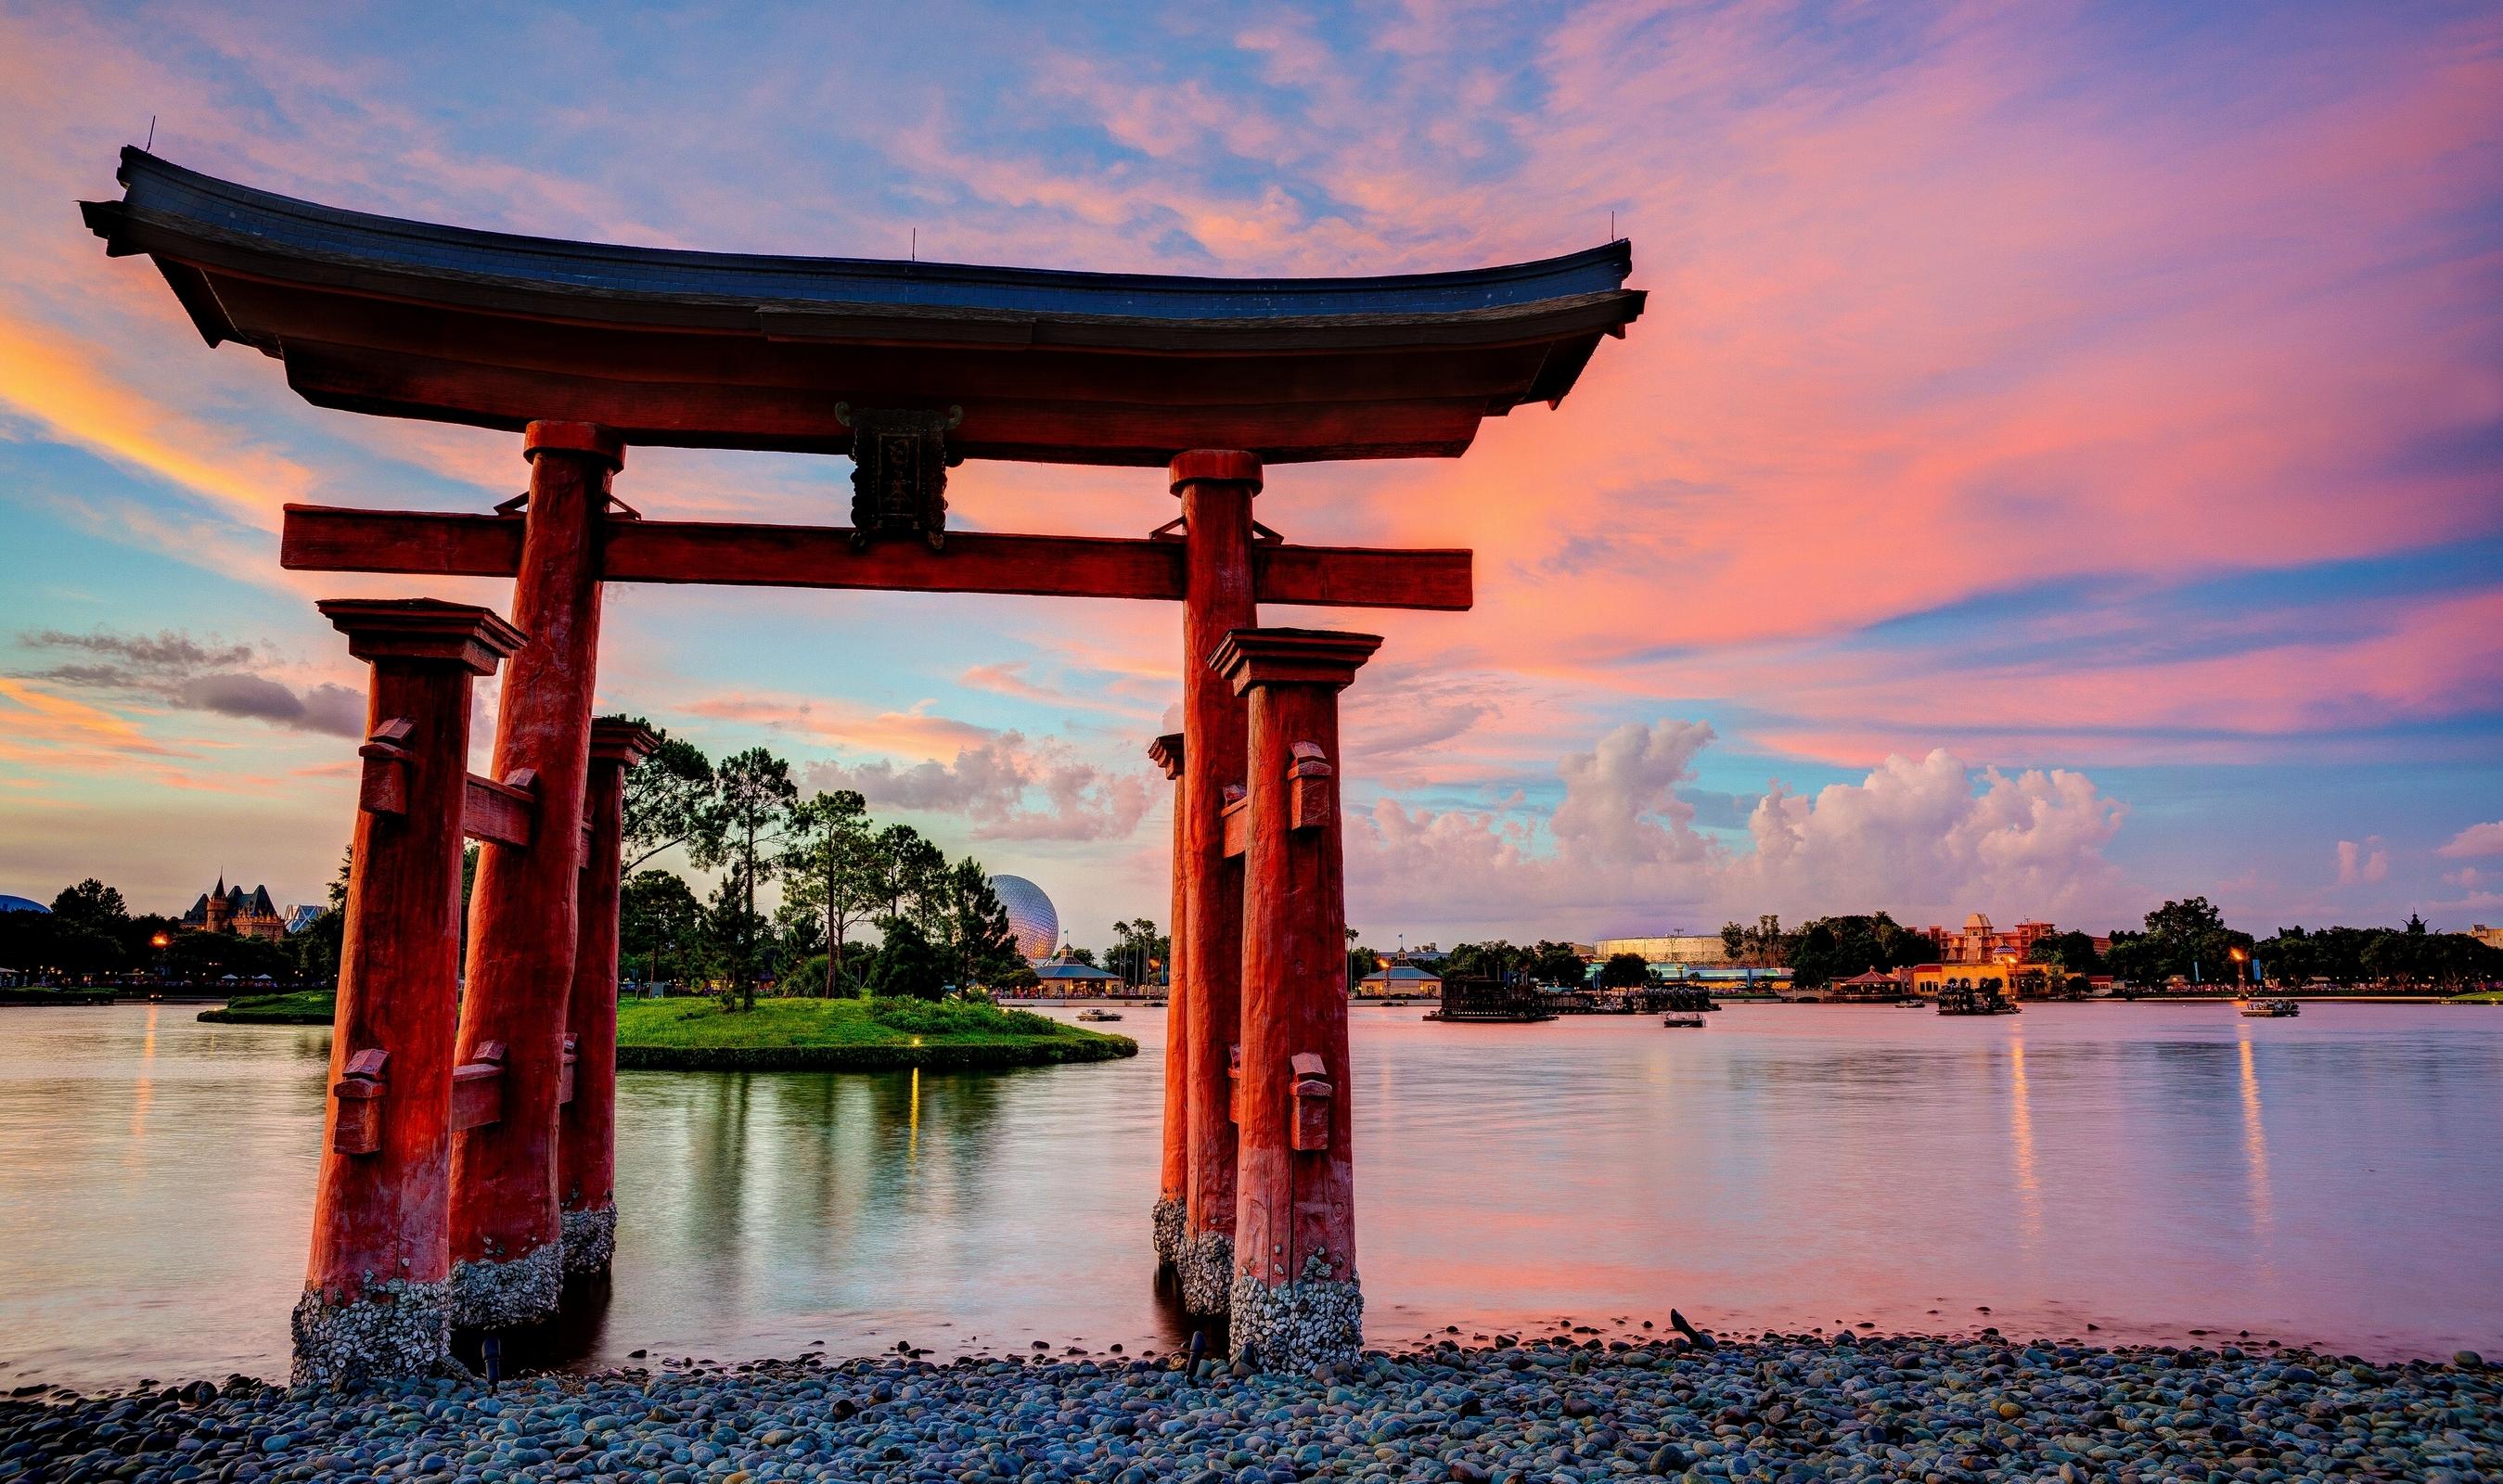 это искусство японские ворота тории фото можете узнать